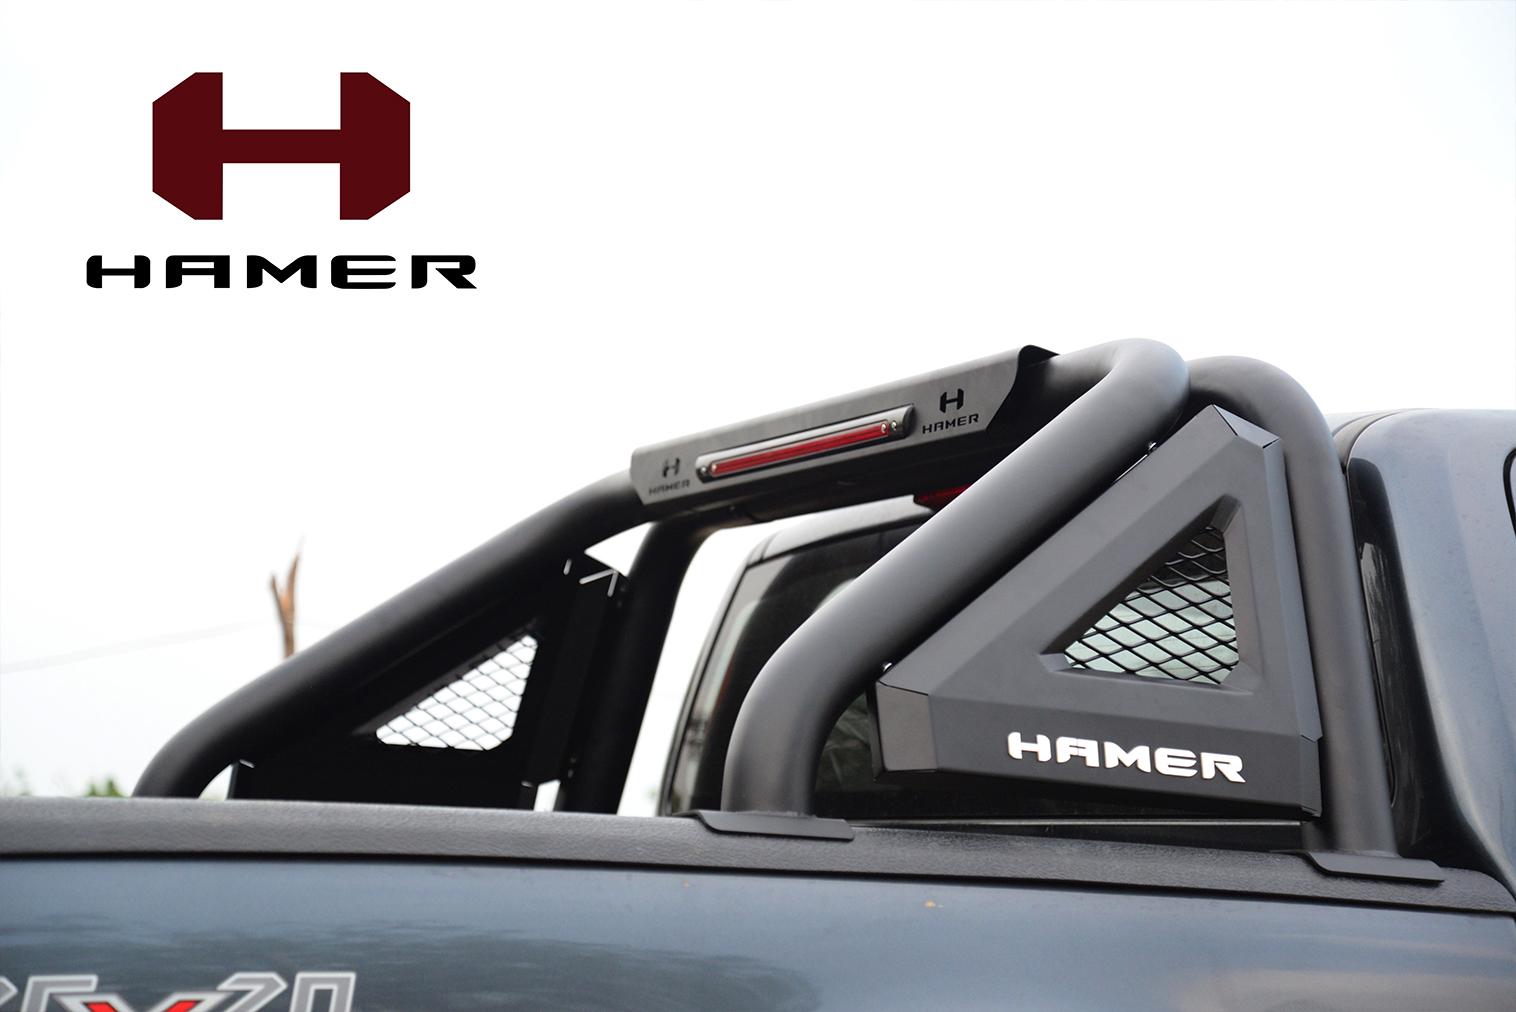 โรลบาร์ HAMER รุ่น HR1701 มีไฟ